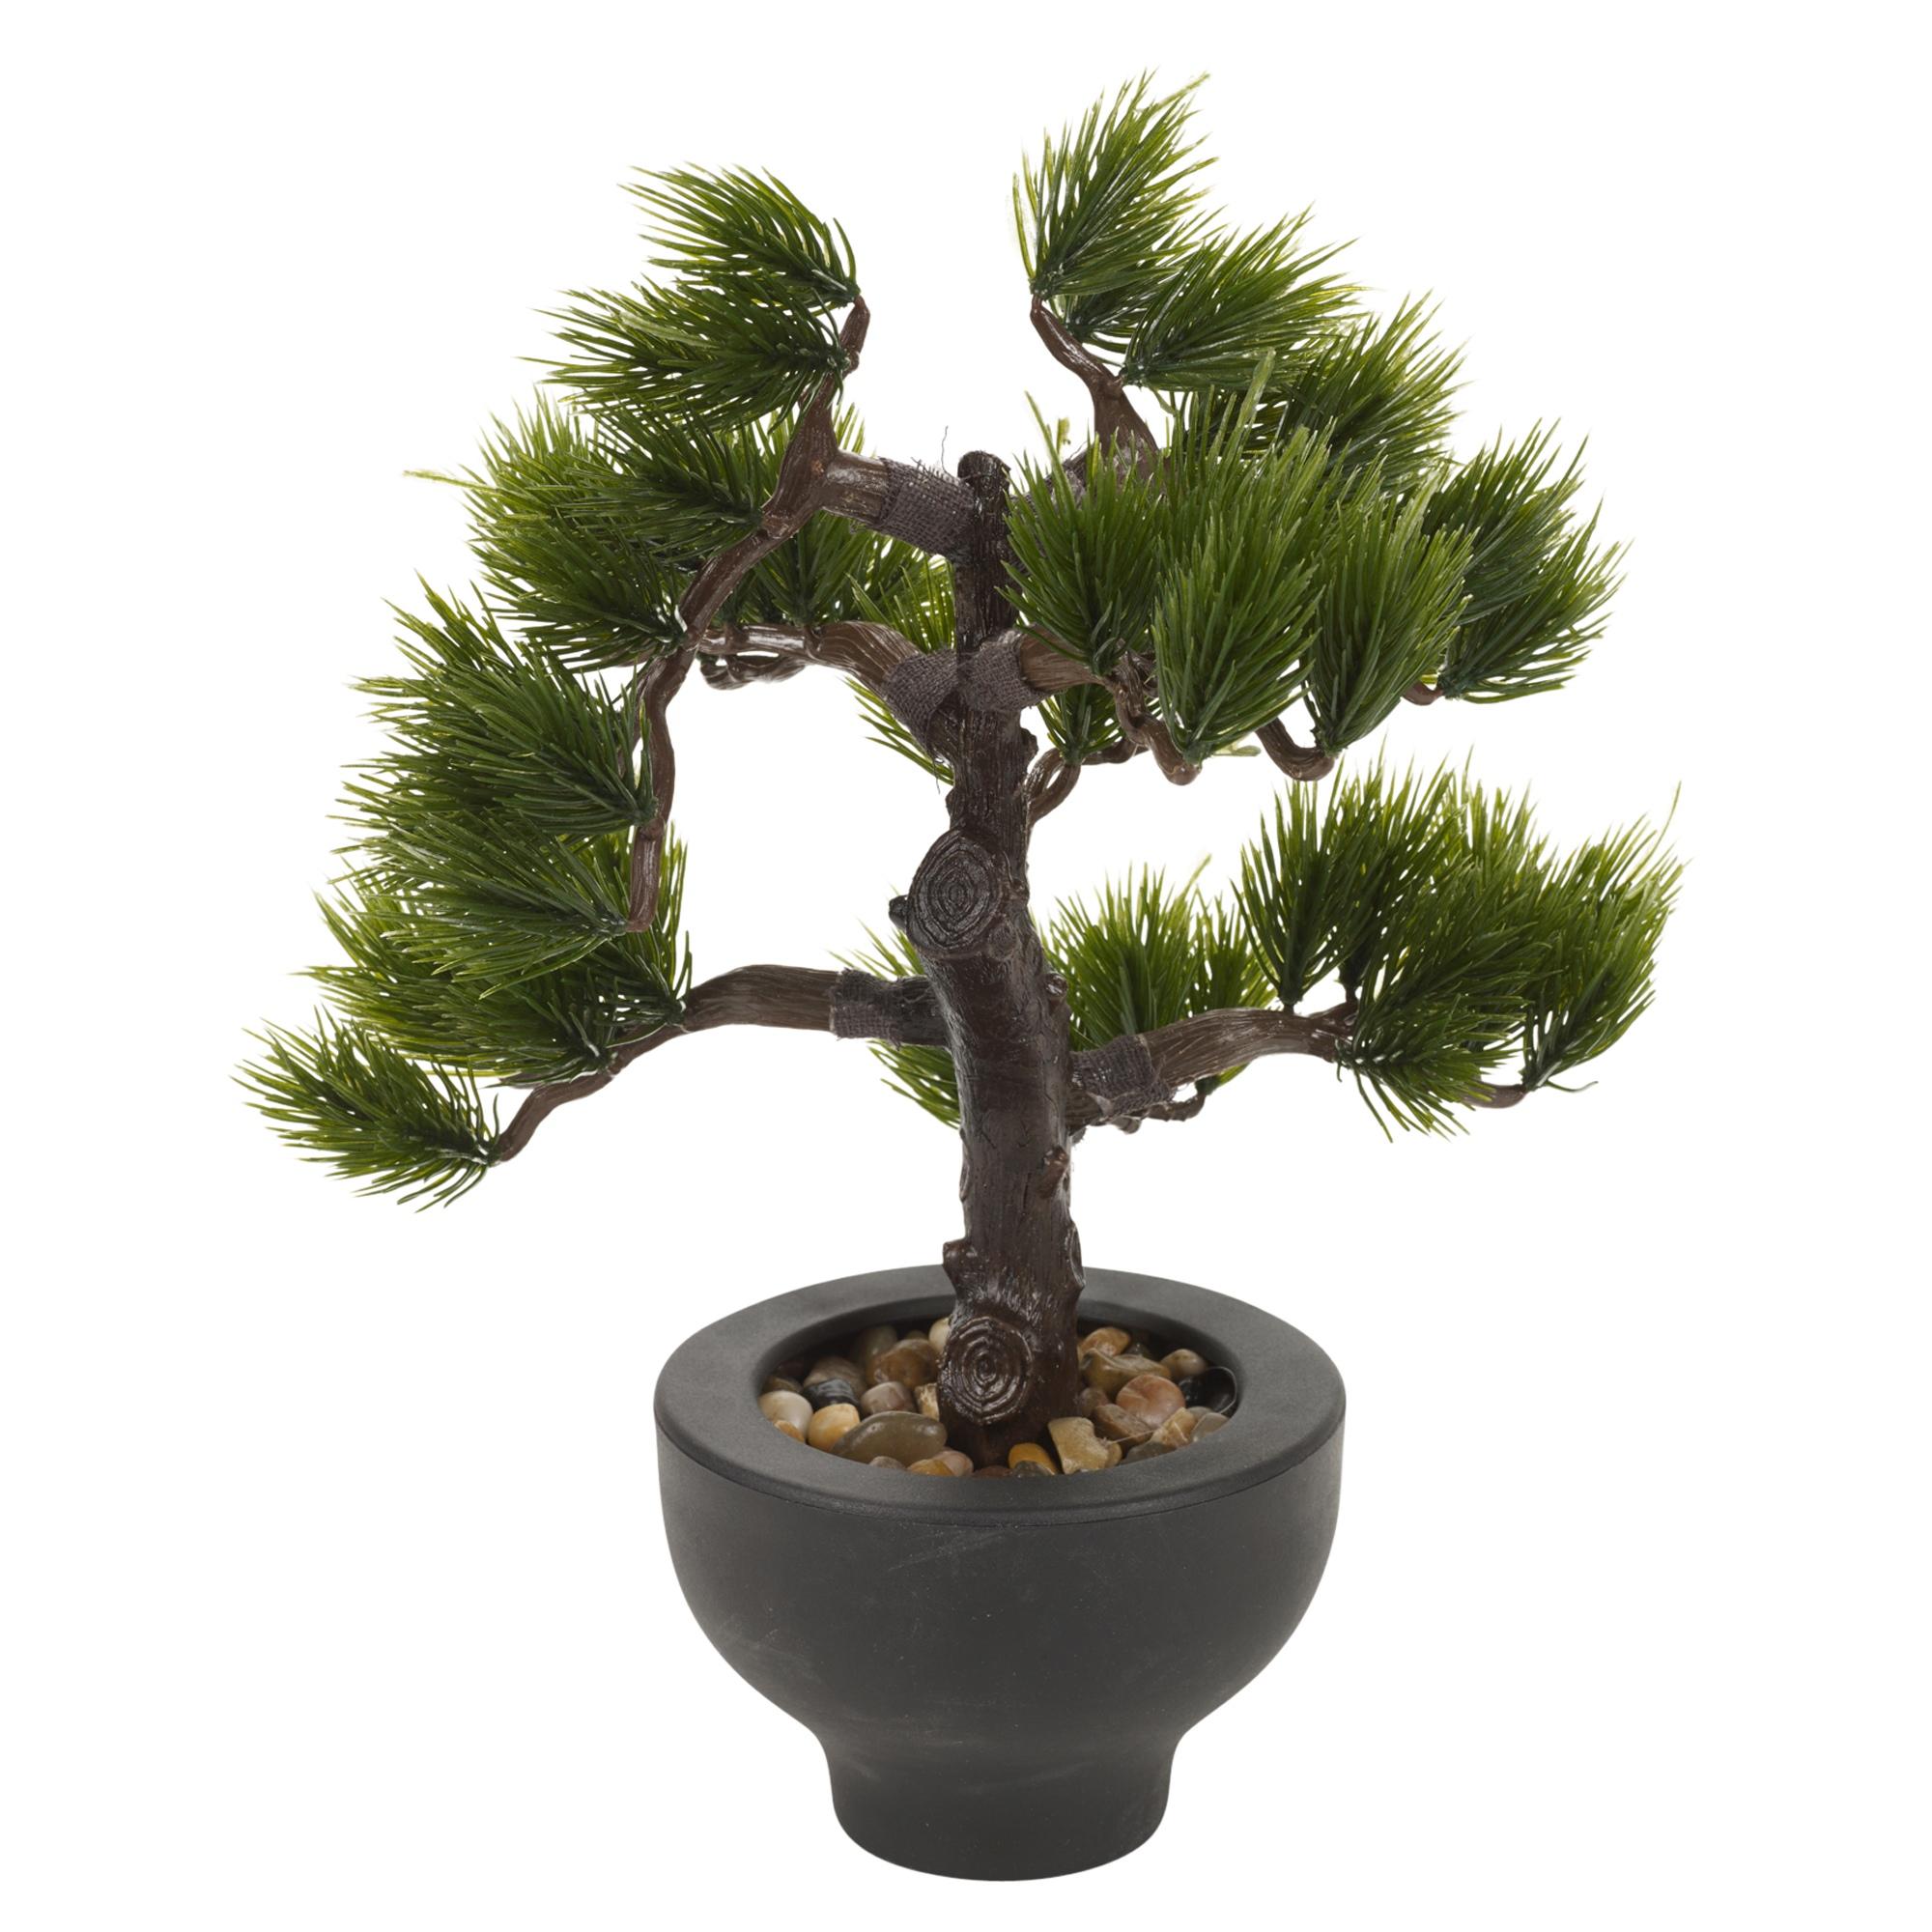 k nstlich b ro schreibtisch 33cm bonsai baum schwarz pflanze topf home tisch ebay. Black Bedroom Furniture Sets. Home Design Ideas